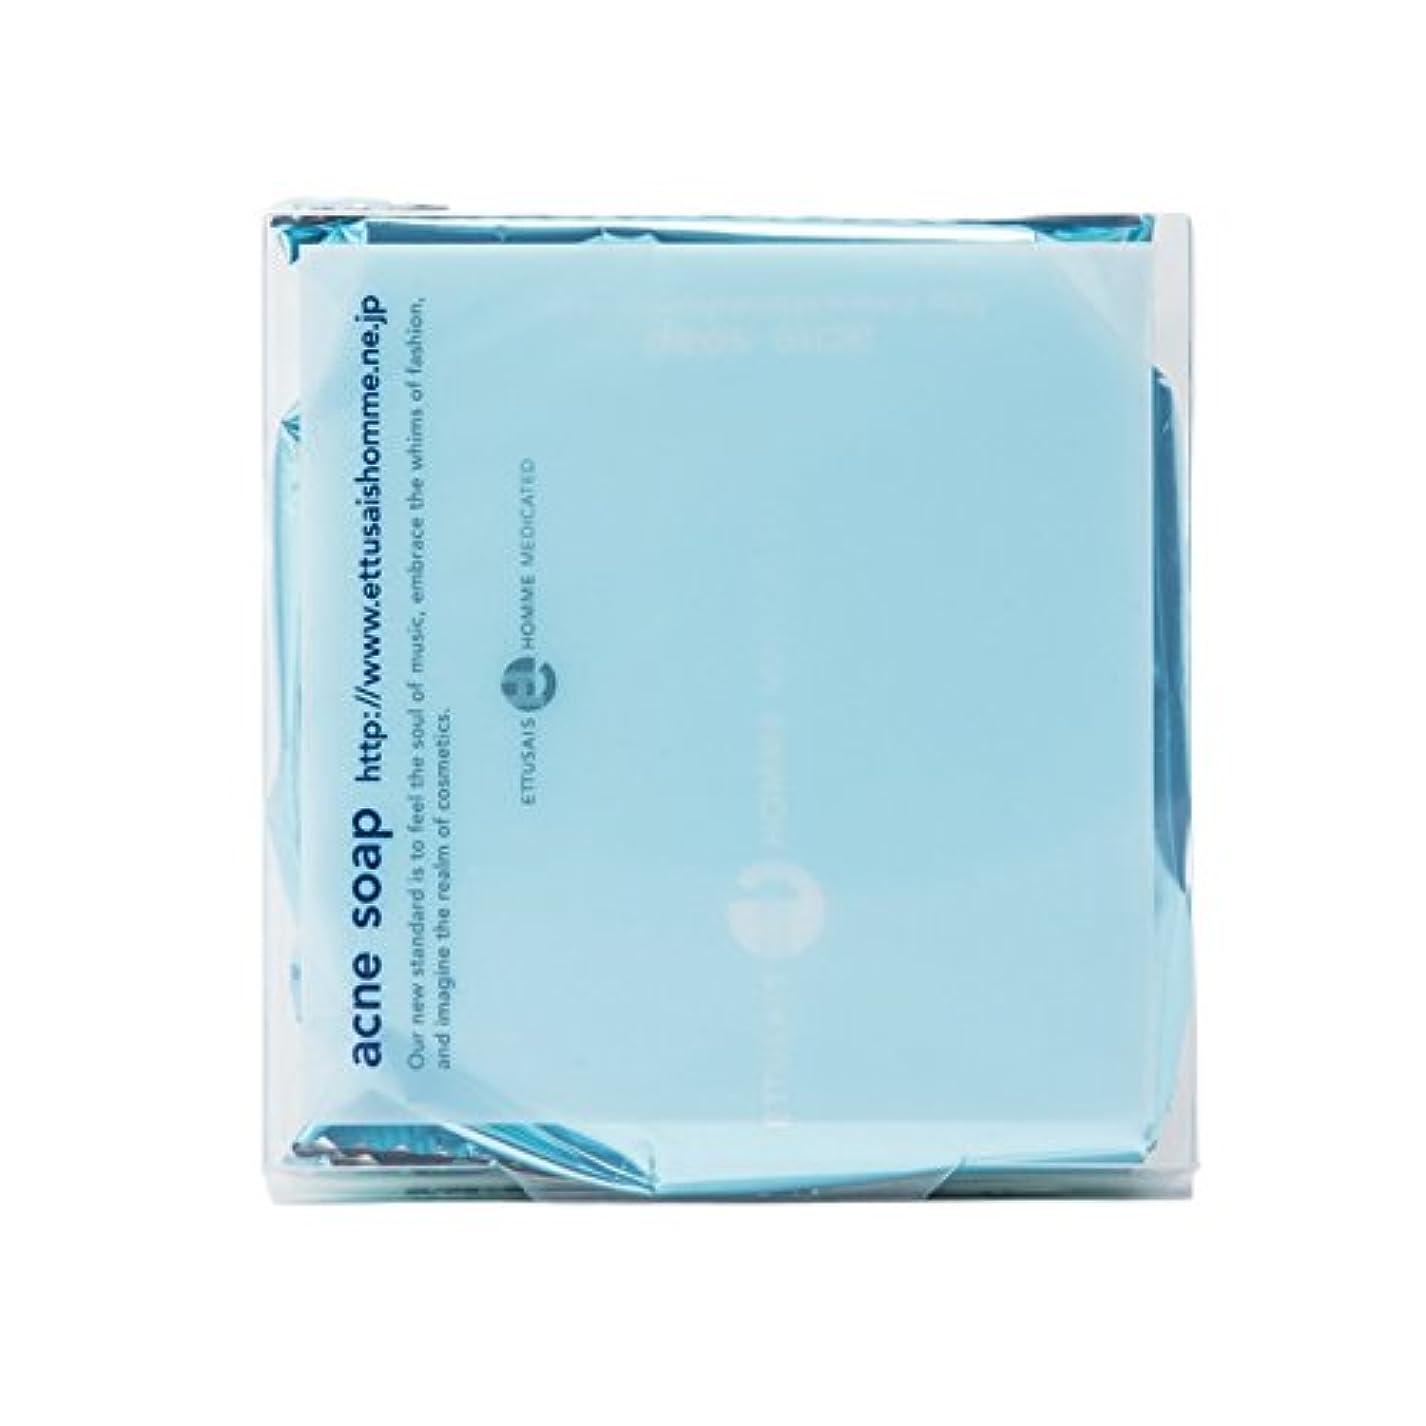 熱帯の抑圧拡張[医薬部外品] エテュセ オム 薬用アクネ ソープ 薬用石けん 100g